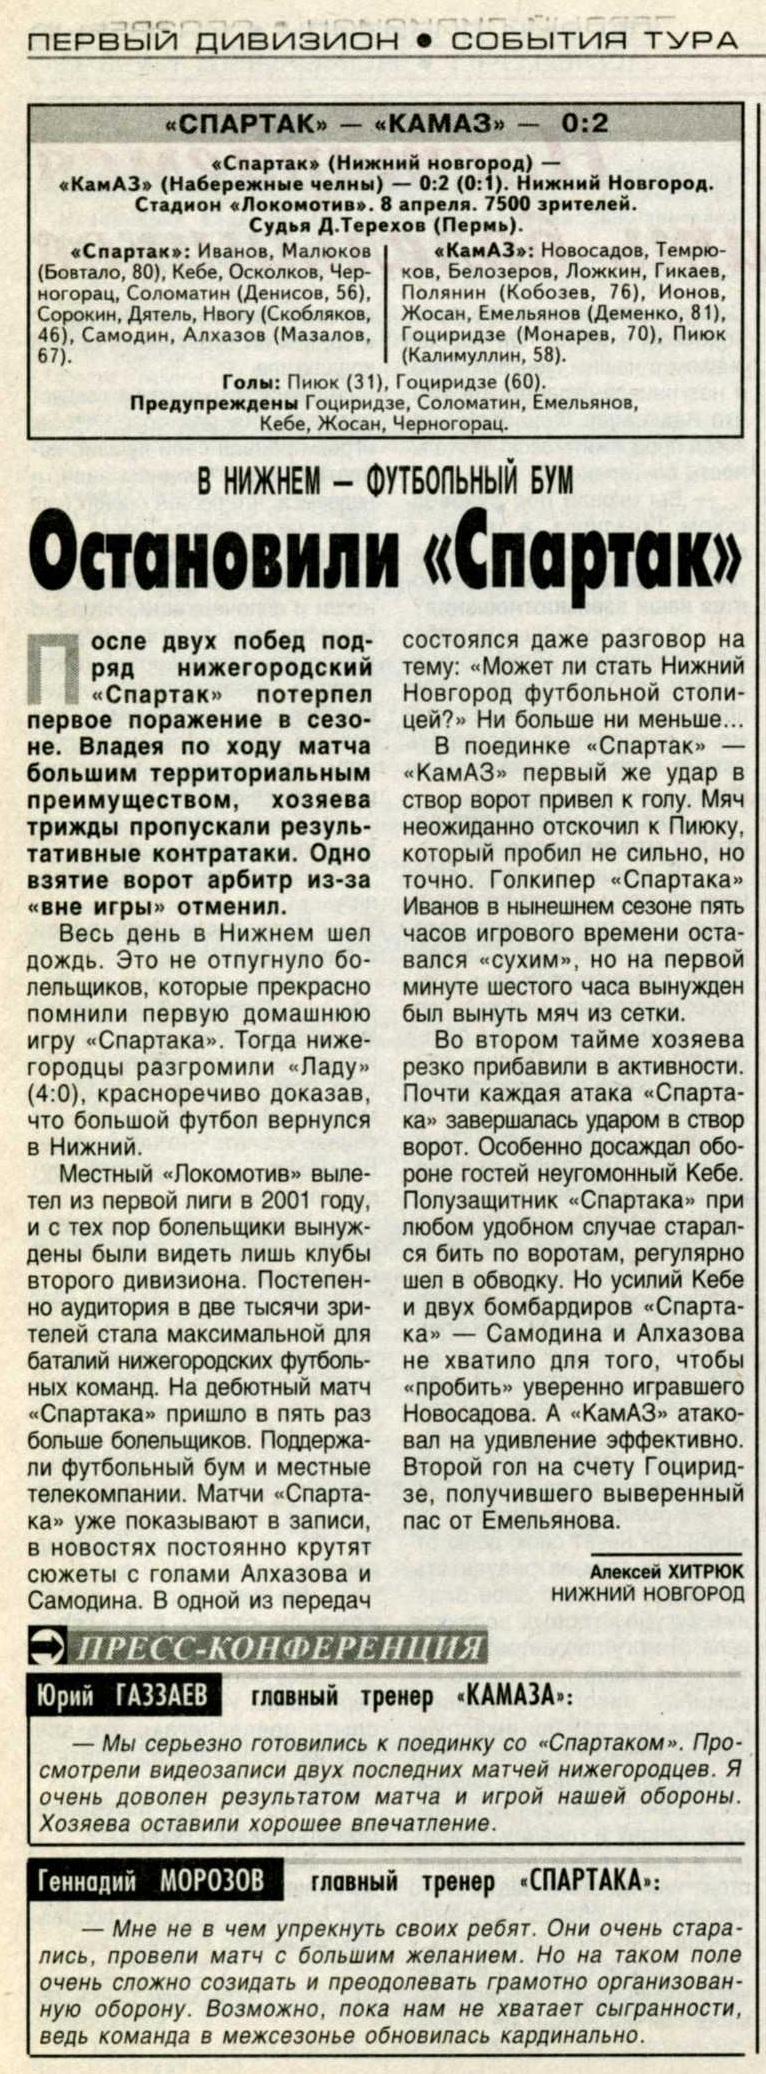 Спартак (Нижний Новгород) - КамАЗ (Набережные Челны) 0:2